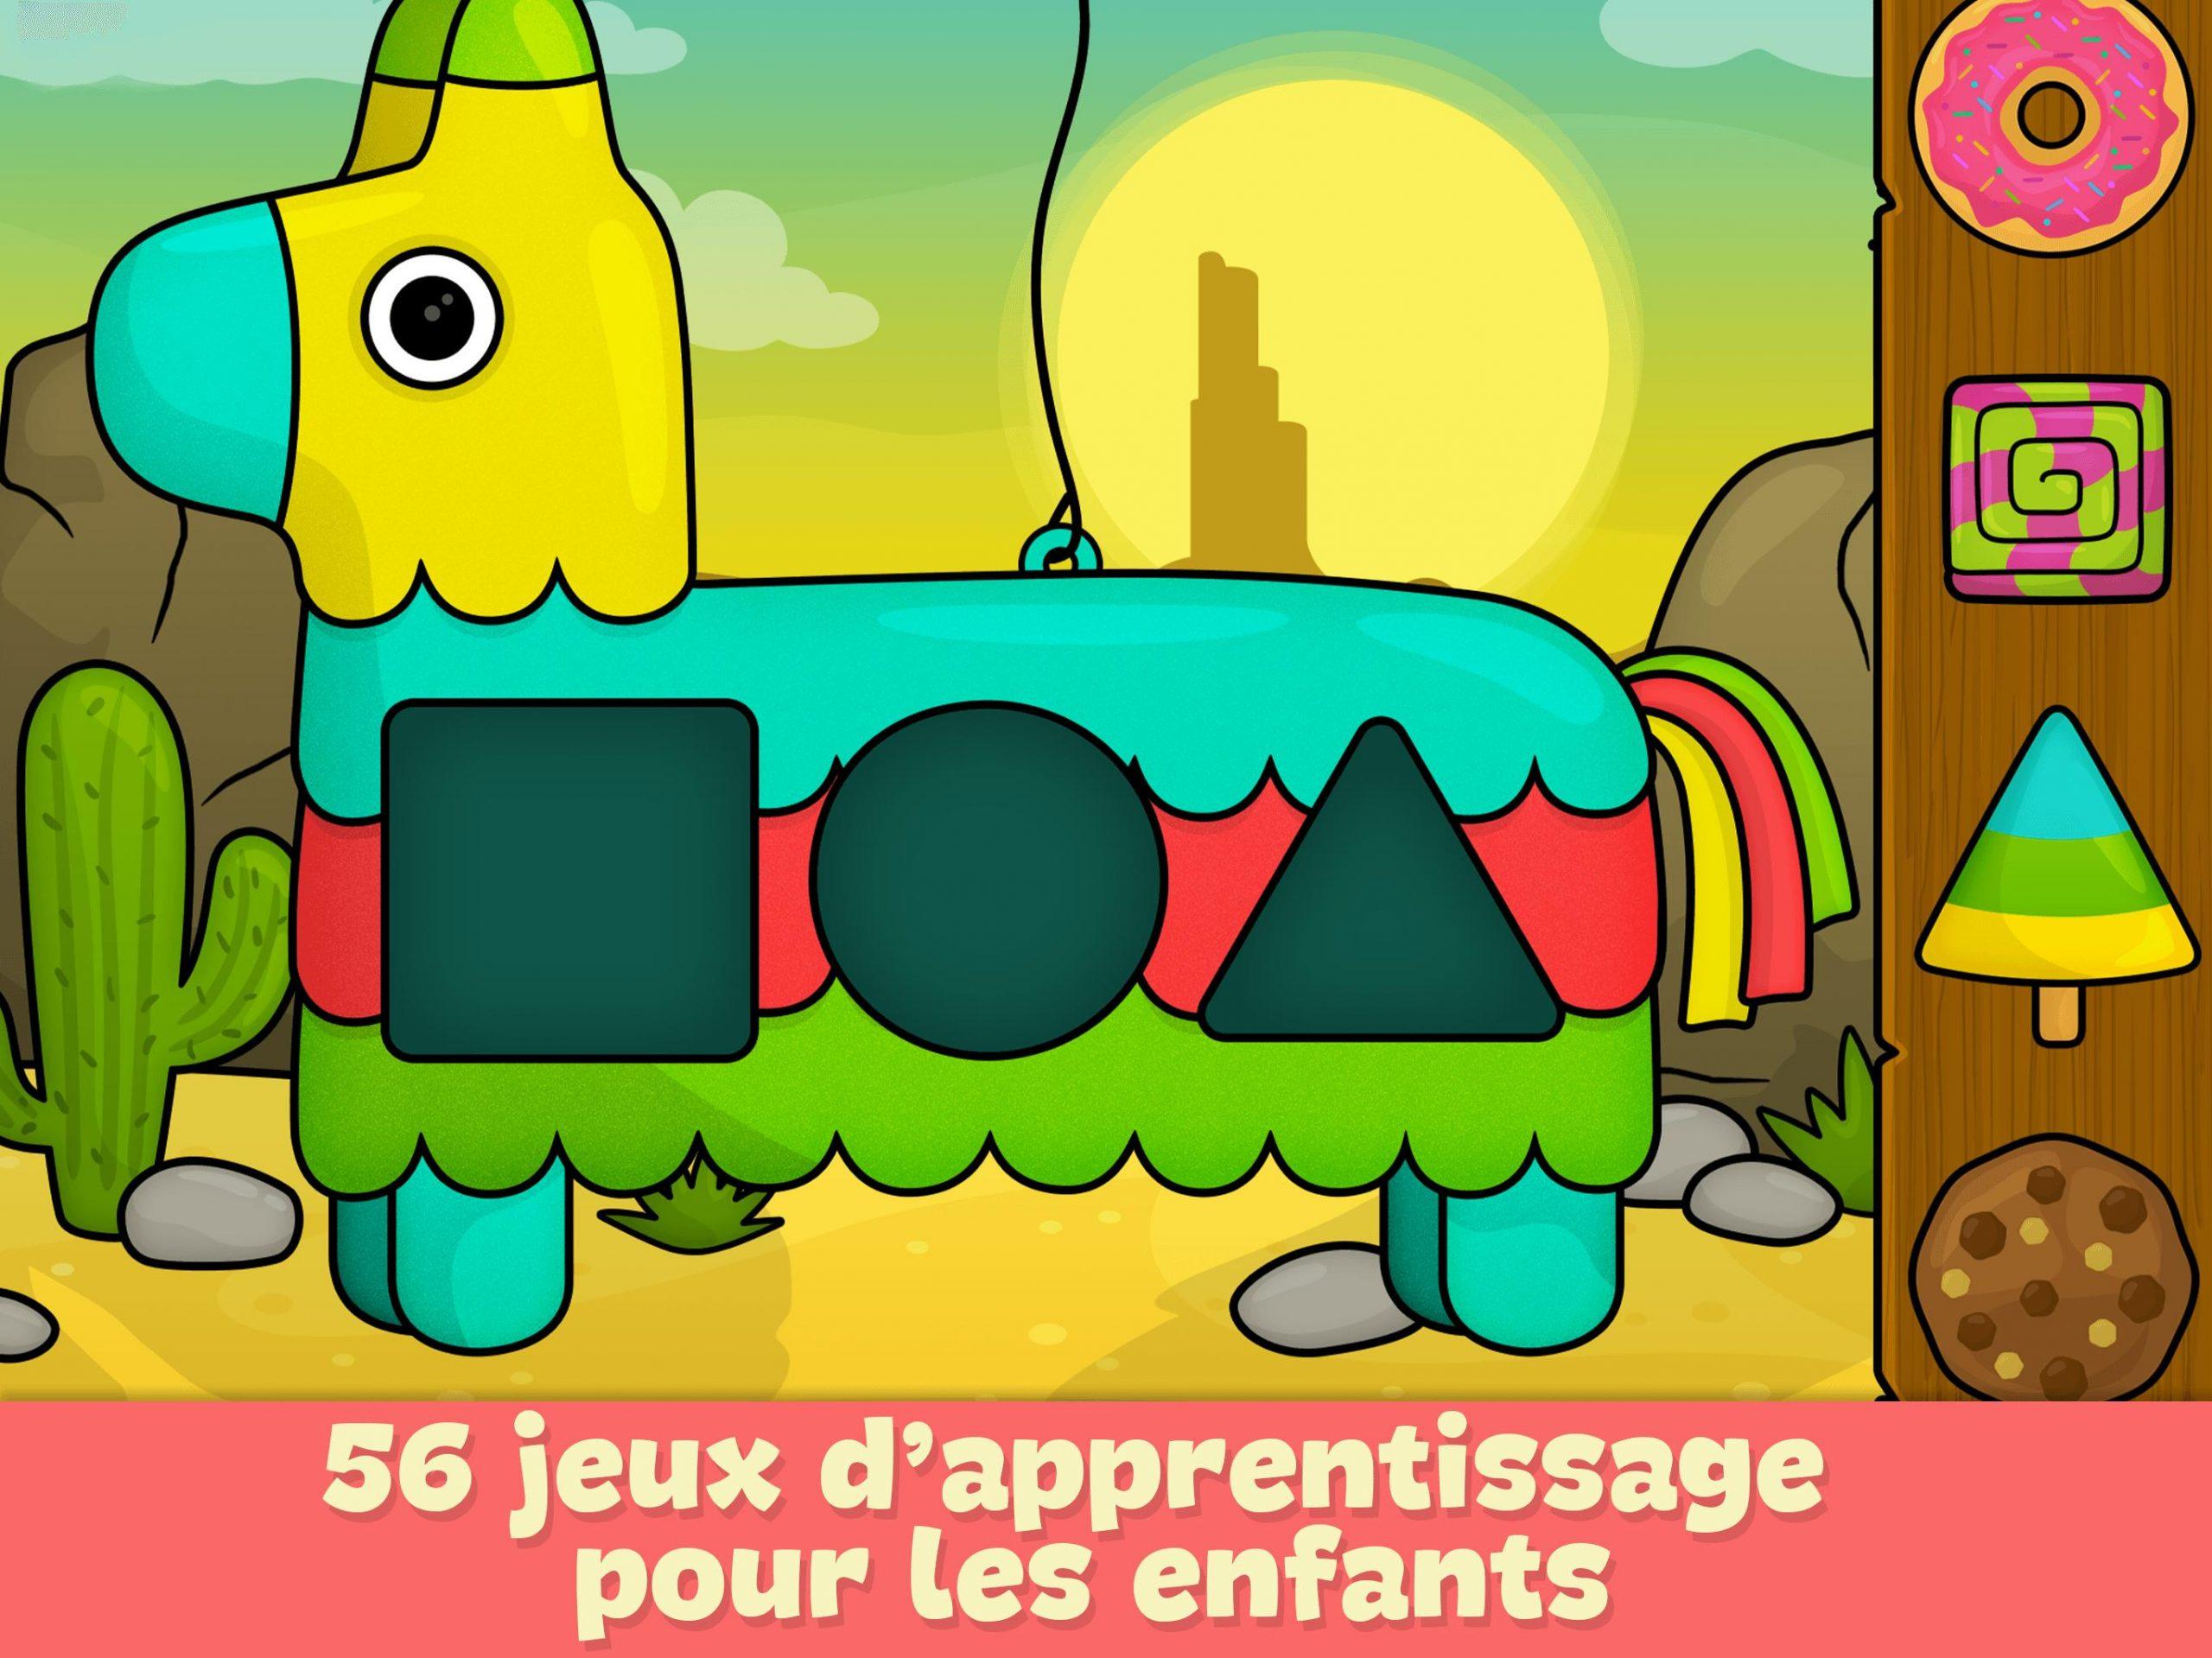 Jeux Pour Enfants 2 - 5 Ans Pour Android - Téléchargez L'apk destiné Jeux Garcon 5 Ans